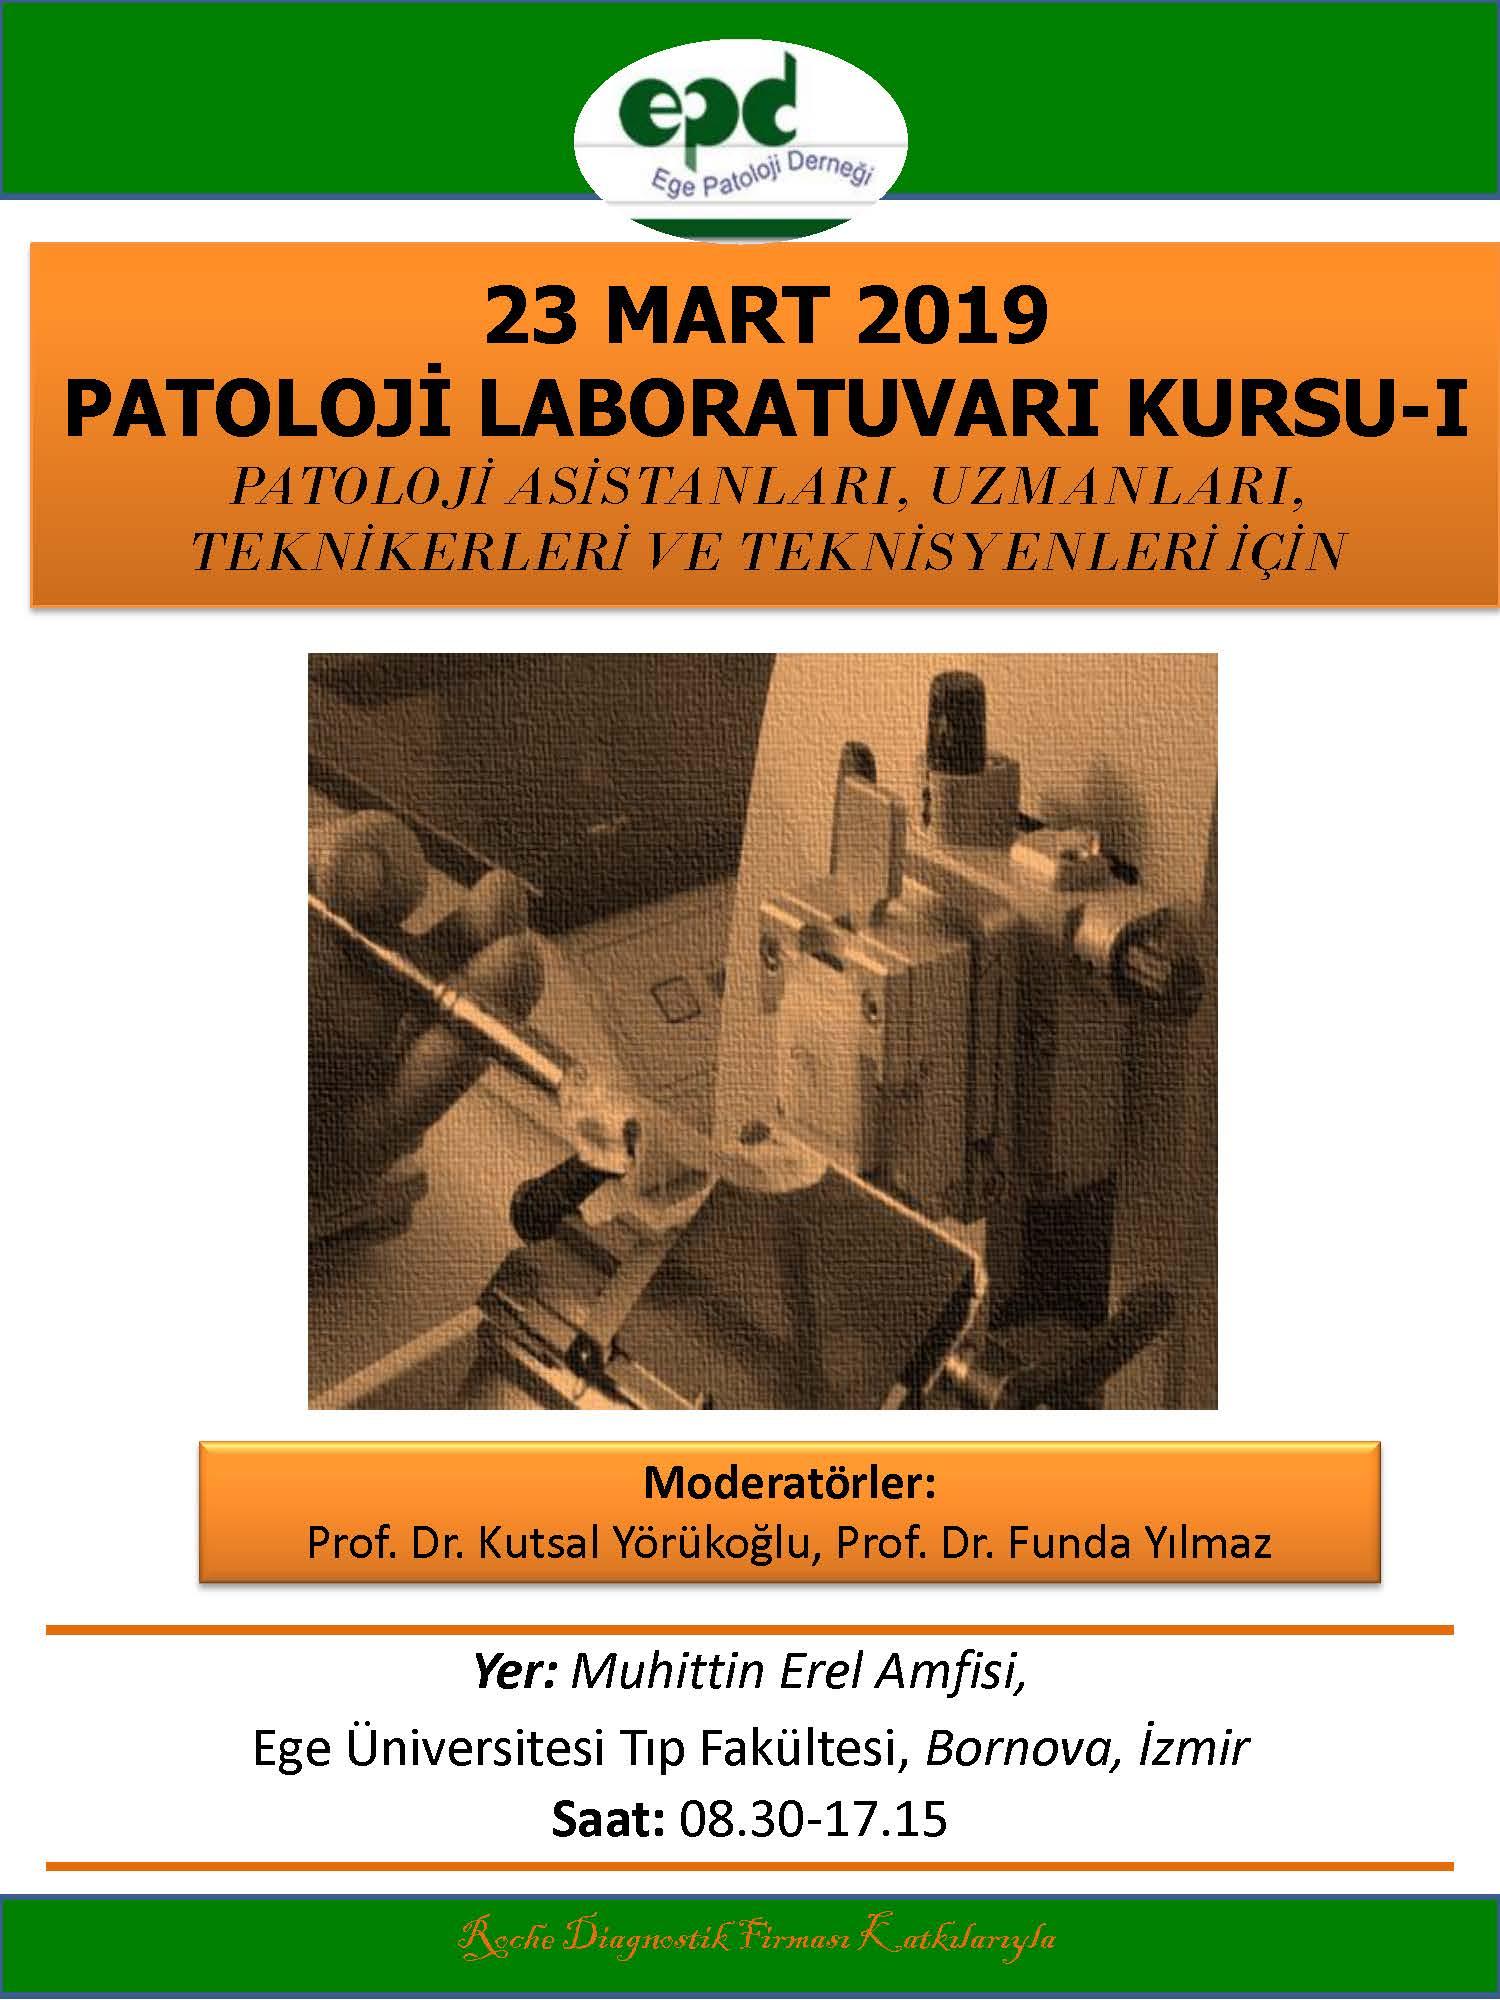 23 Mart 2019 - Patoloji Laboratuvarı Kursu-I